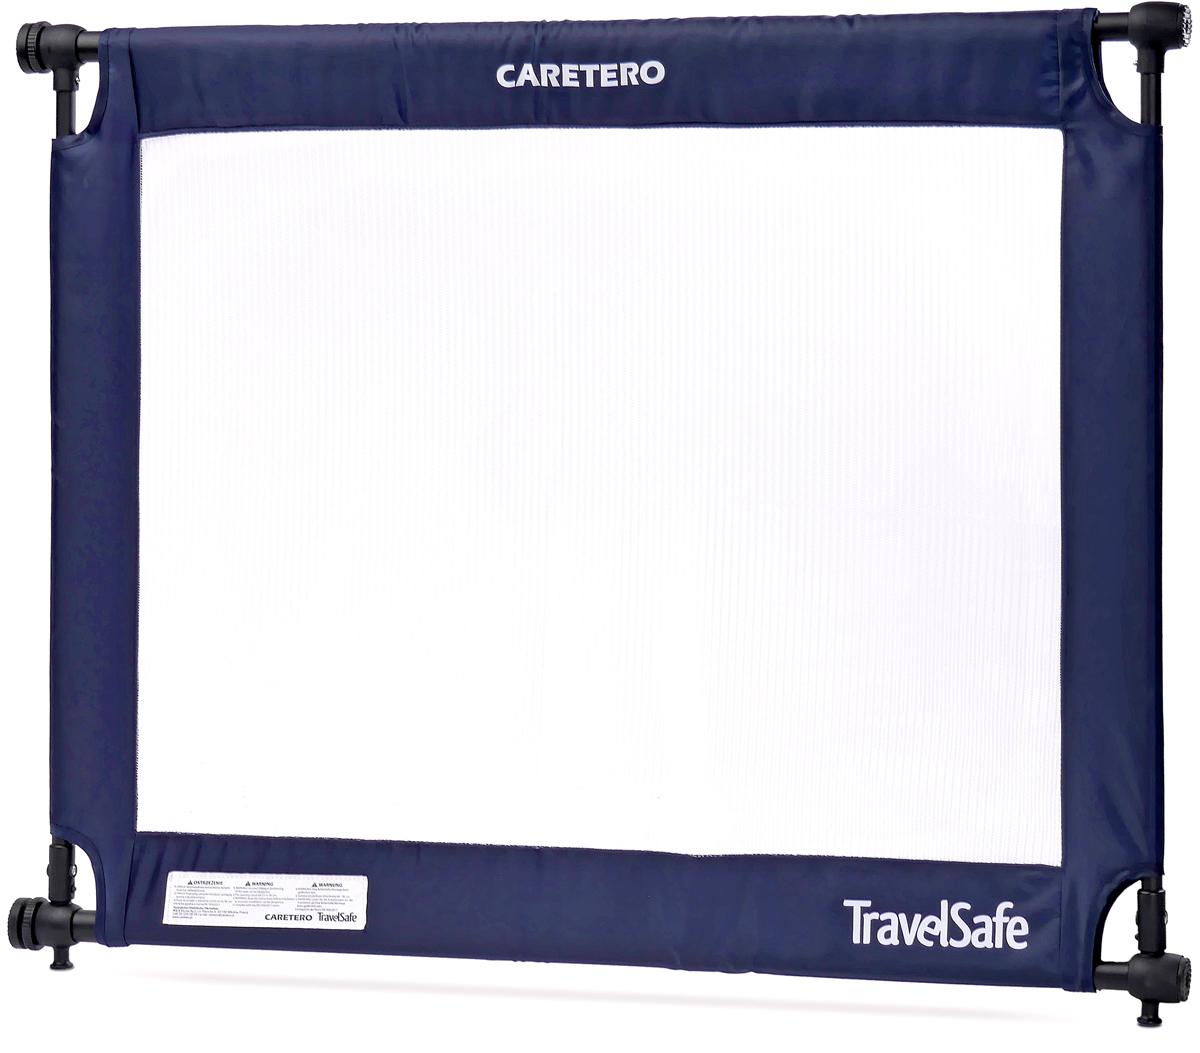 Caretero Барьер безопасности для кроватки Travelsafe цвет синий -  Блокирующие и защитные устройства